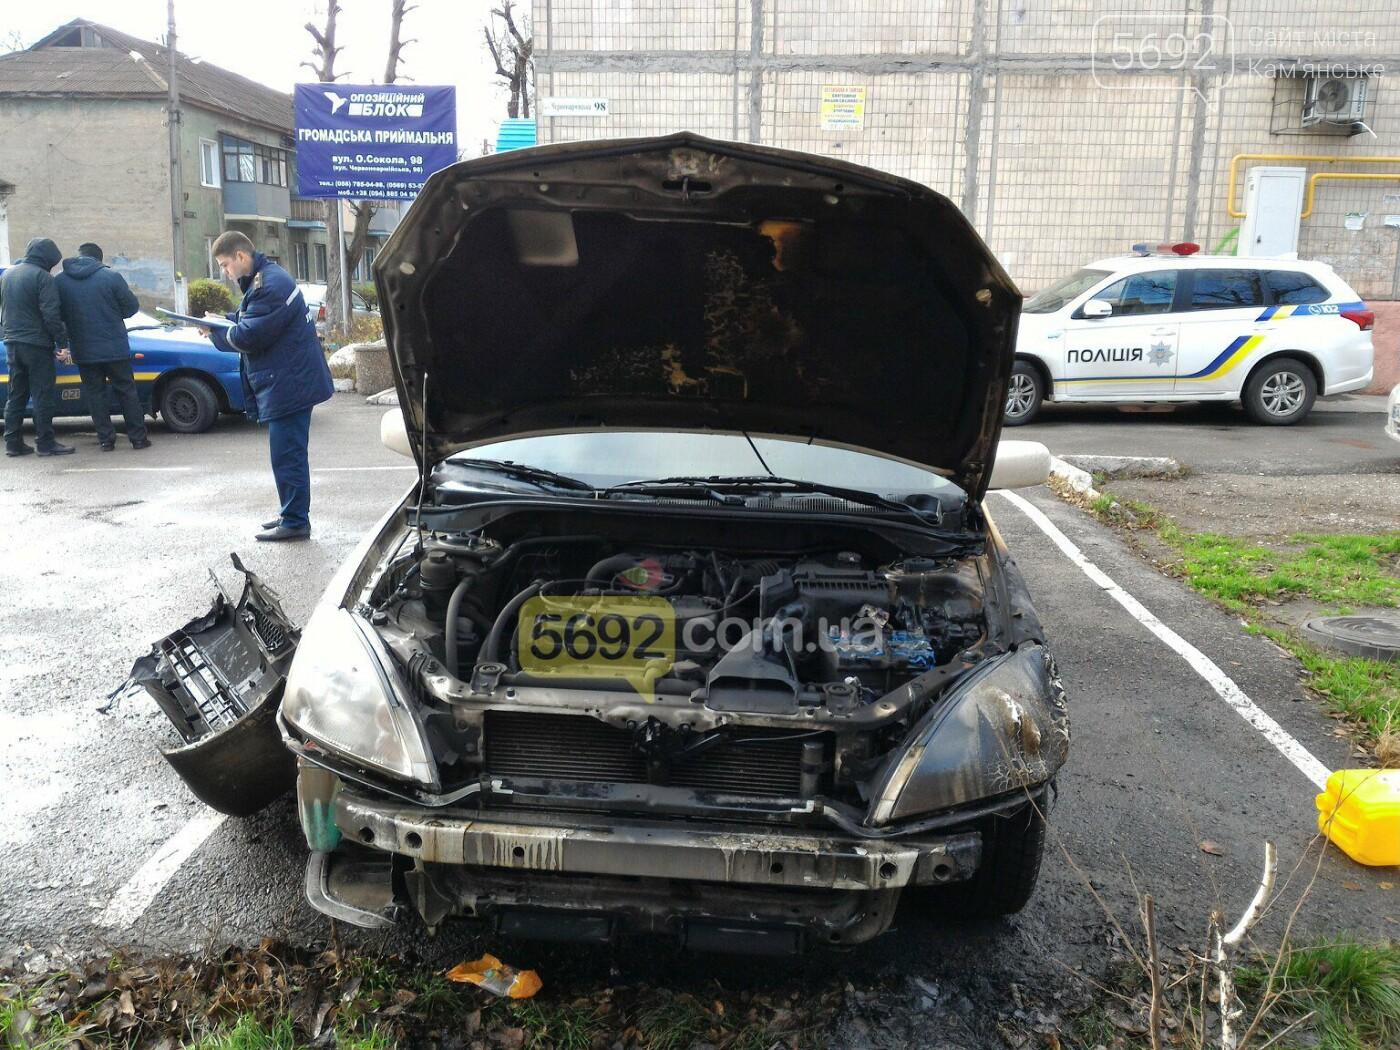 """Лидеру каменского """"Оппоблока"""" подожгли автомобиль, фото-1"""